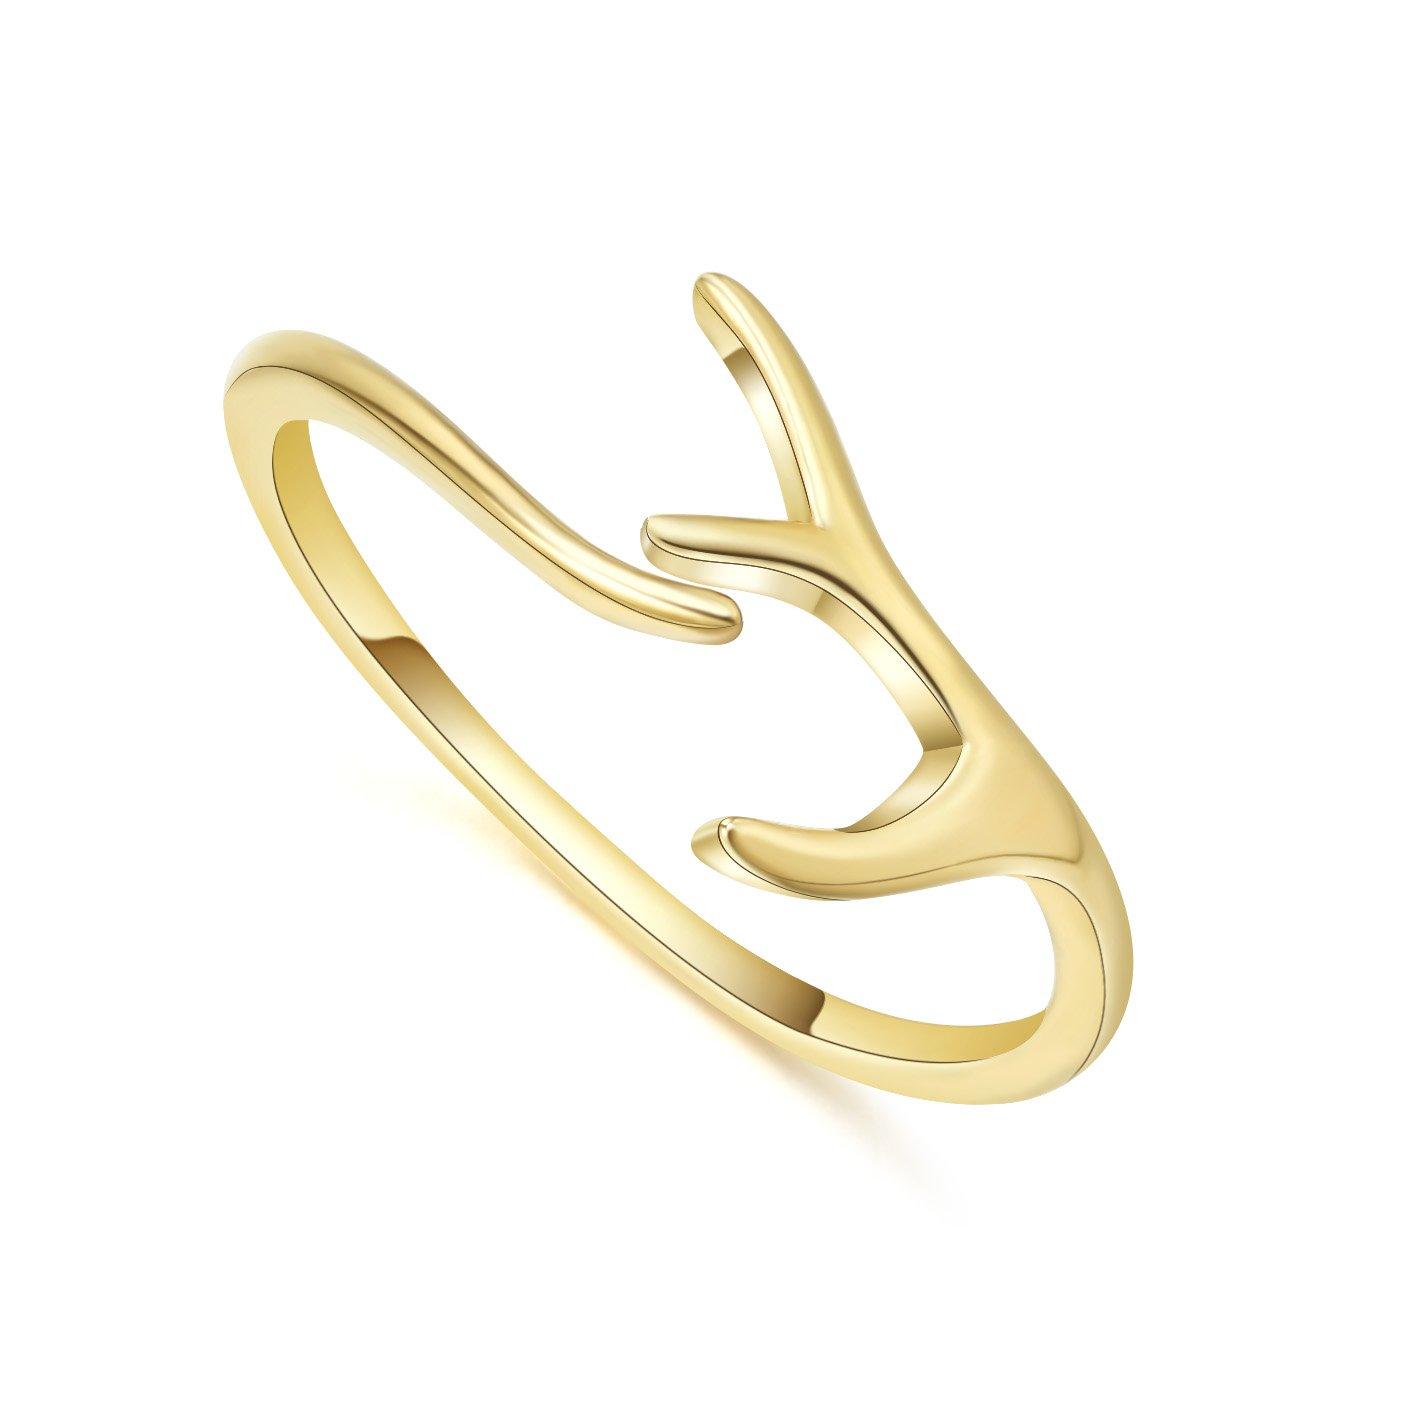 Bagutta Pavone Antler Open Ring, 925 Sterling Silver Gold Plated Adjustable Knuckle Deer Horn Ring